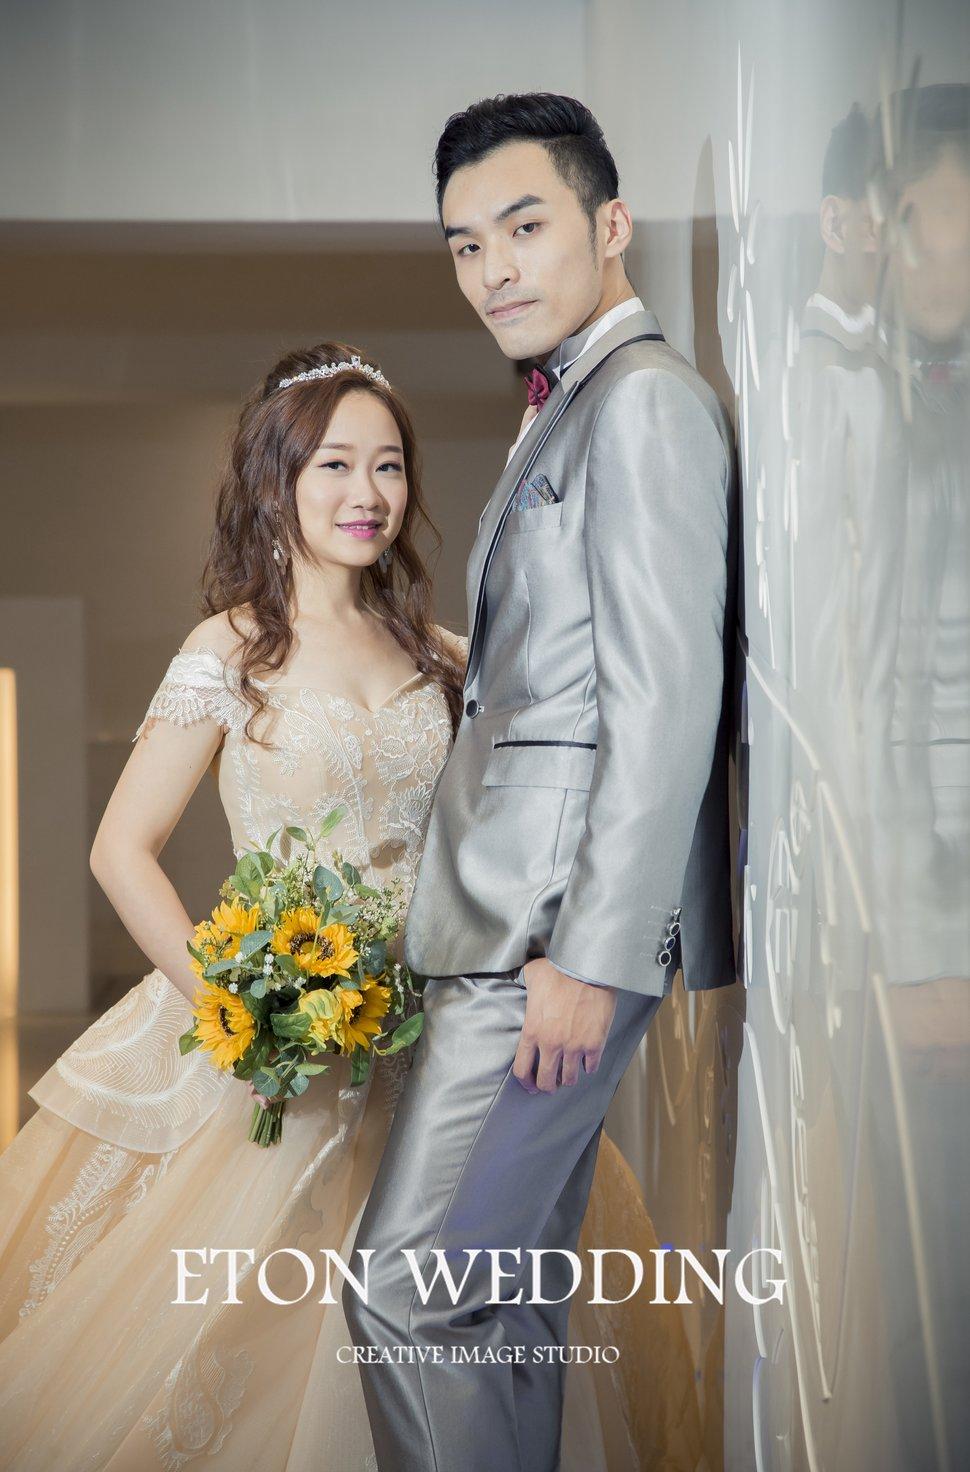 台北婚紗,伊頓自助婚紗 (13) - 伊頓自助婚紗攝影工作室(新北板橋店)《結婚吧》